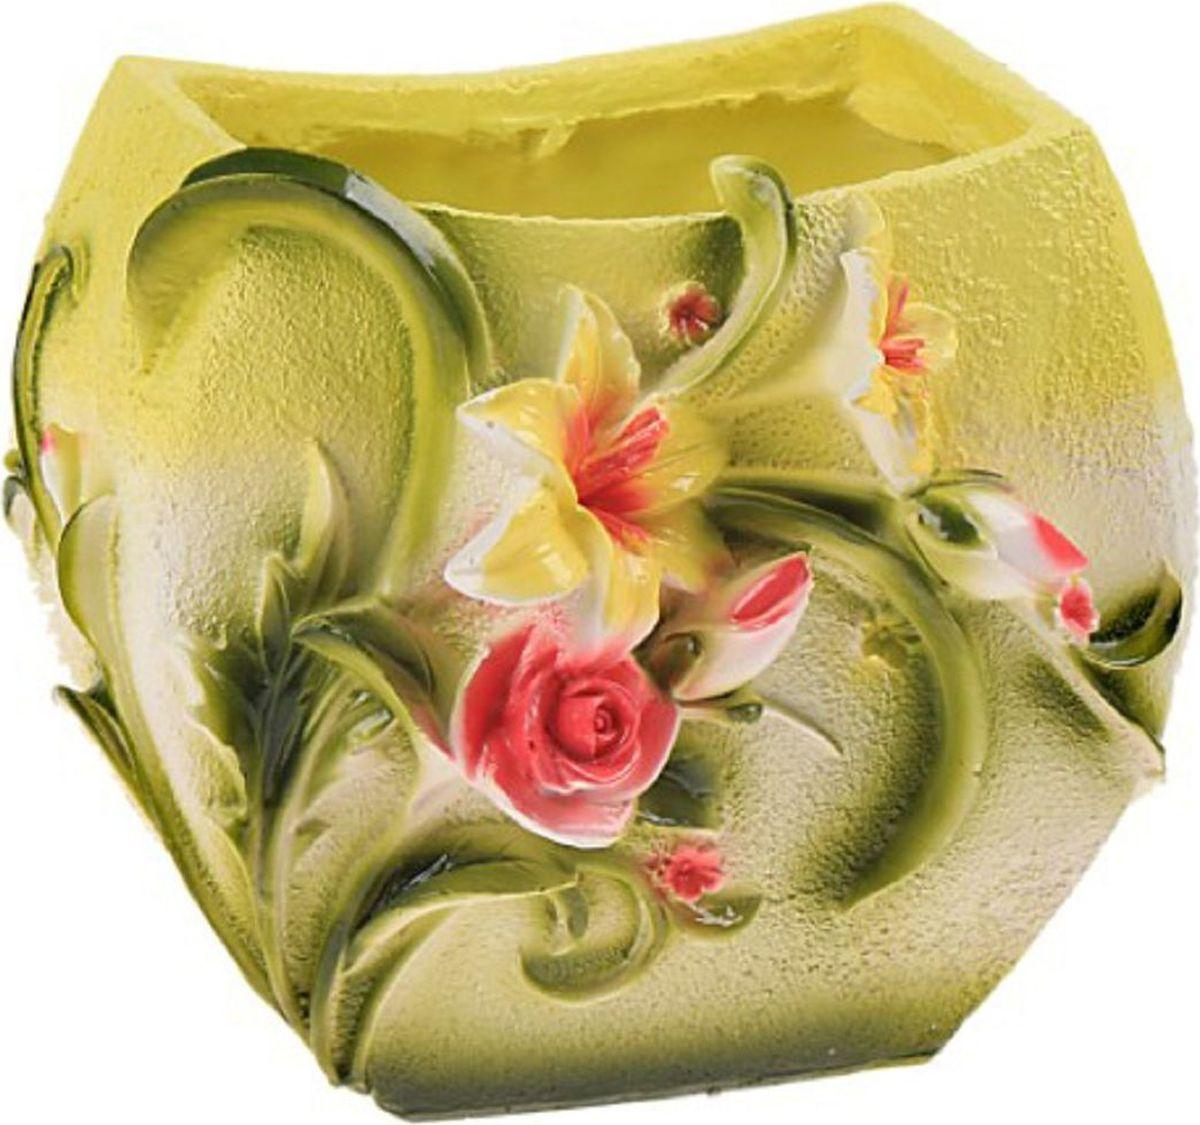 Кашпо Цветы, 17 х 18 х 15 см493139Комнатные растения — всеобщие любимцы. Они радуют глаз, насыщают помещение кислородом и украшают пространство. Каждому из растений необходим свой удобный и красивый дом. Поселите зеленого питомца в яркое и оригинальное фигурное кашпо. Выберите подходящую форму для детской, спальни, гостиной, балкона, офиса или террасы. Кашпо позаботится о растении, украсит окружающее пространство и подчеркнет его оригинальный стиль.